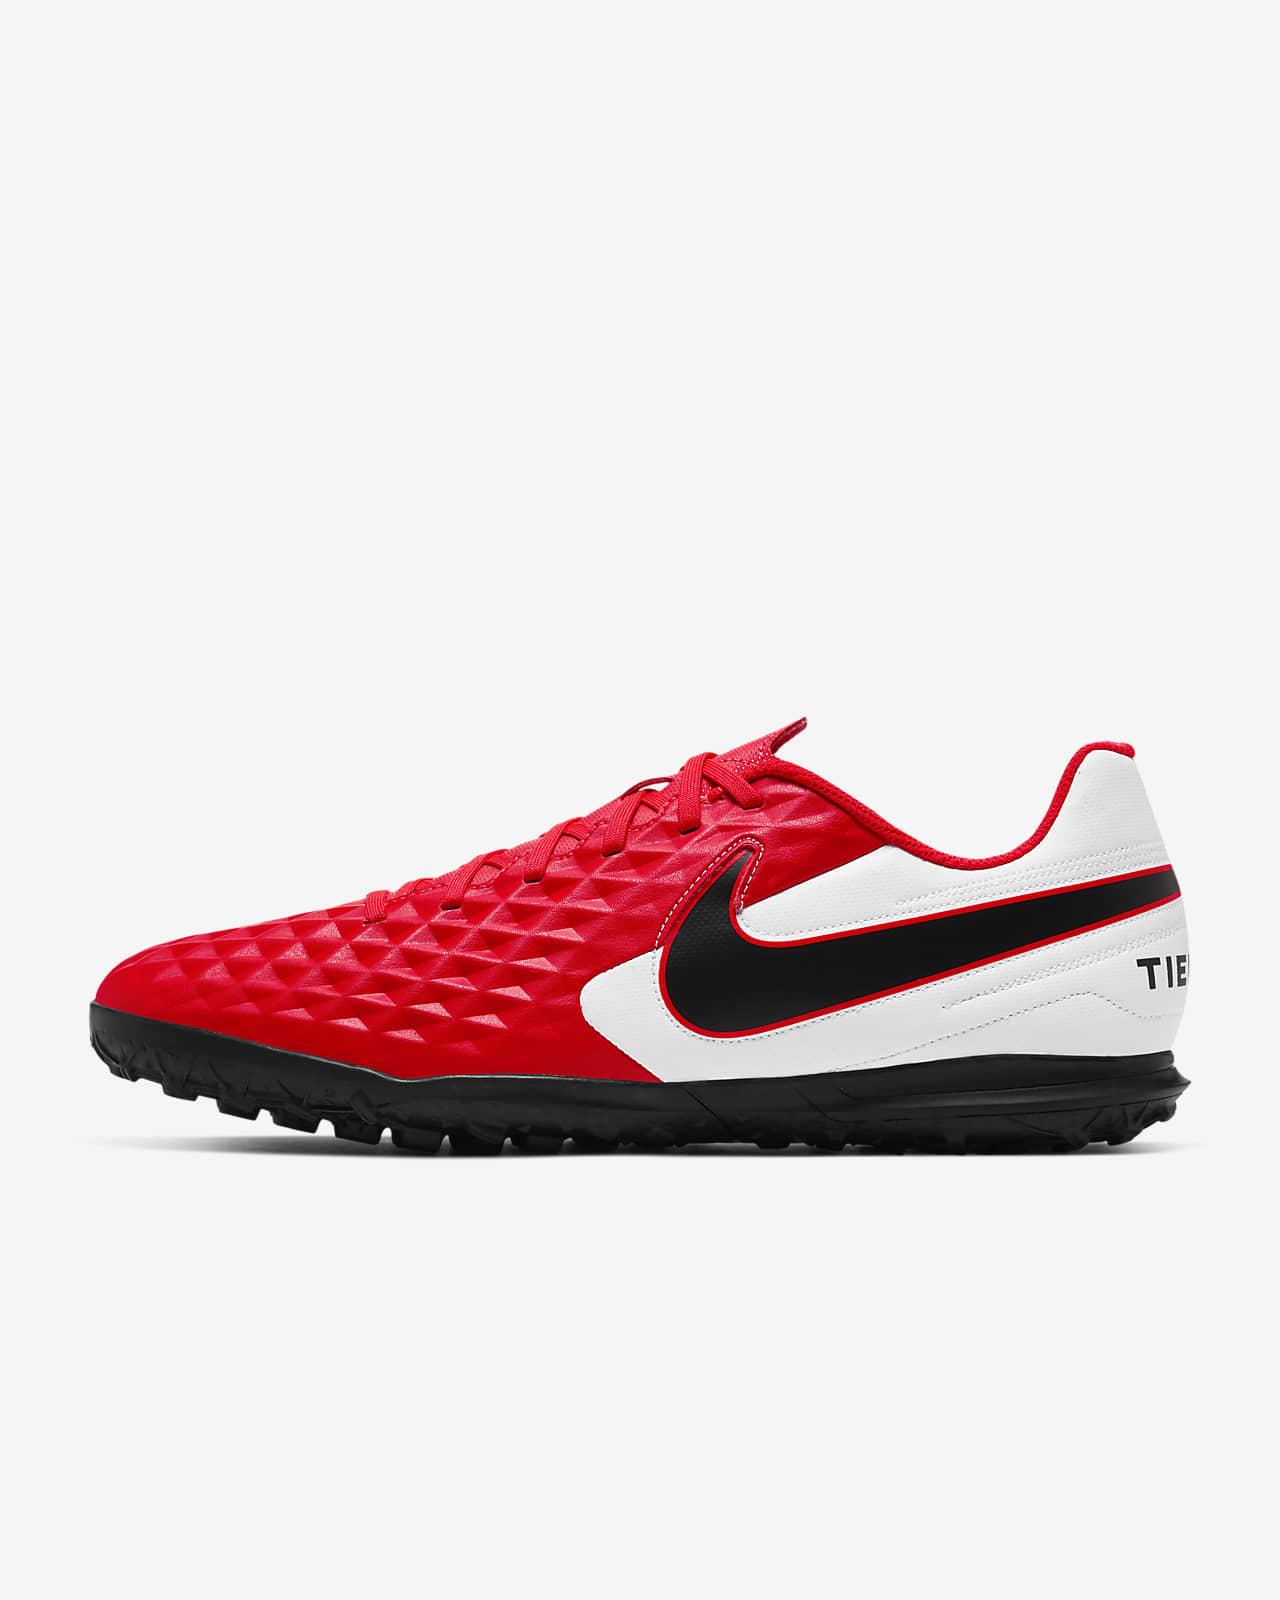 รองเท้าฟุตบอลสำหรับพื้นหญ้าเทียม Nike Tiempo Legend 8 Club TF